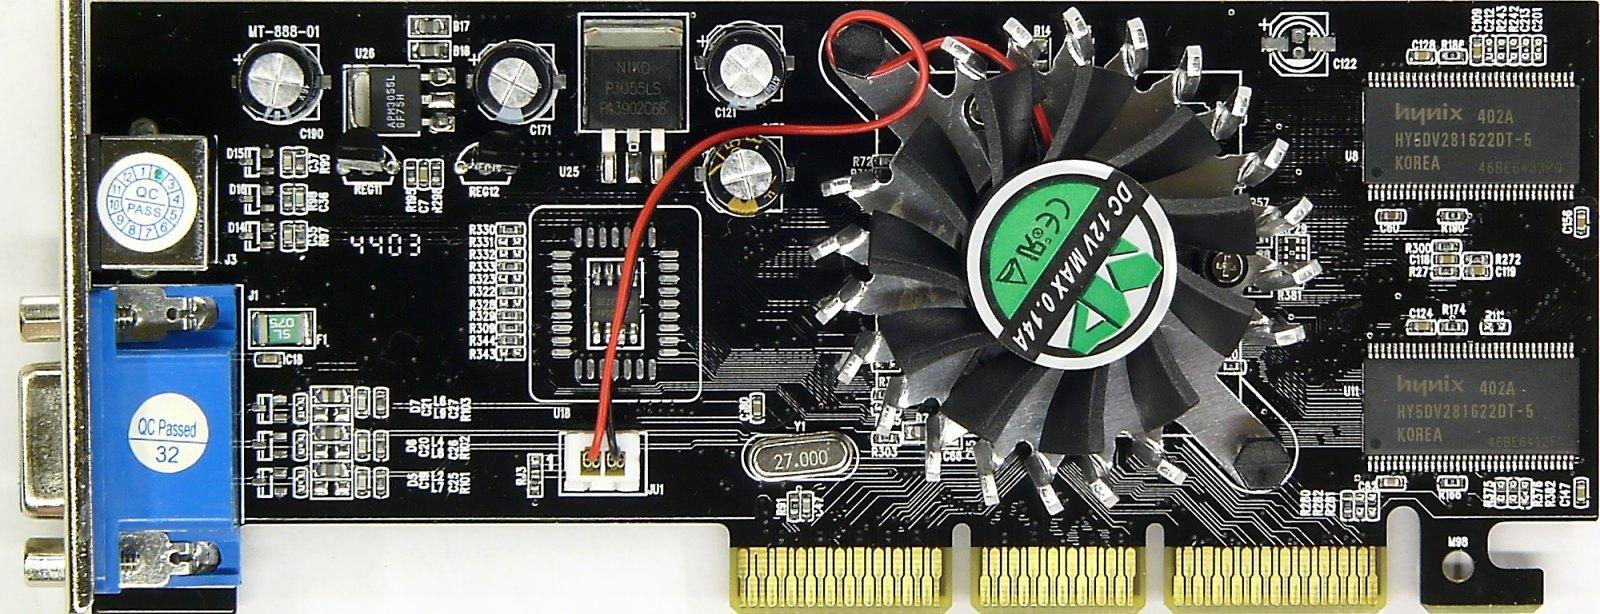 Скачать драйвера для видеокарты geforce mx 440